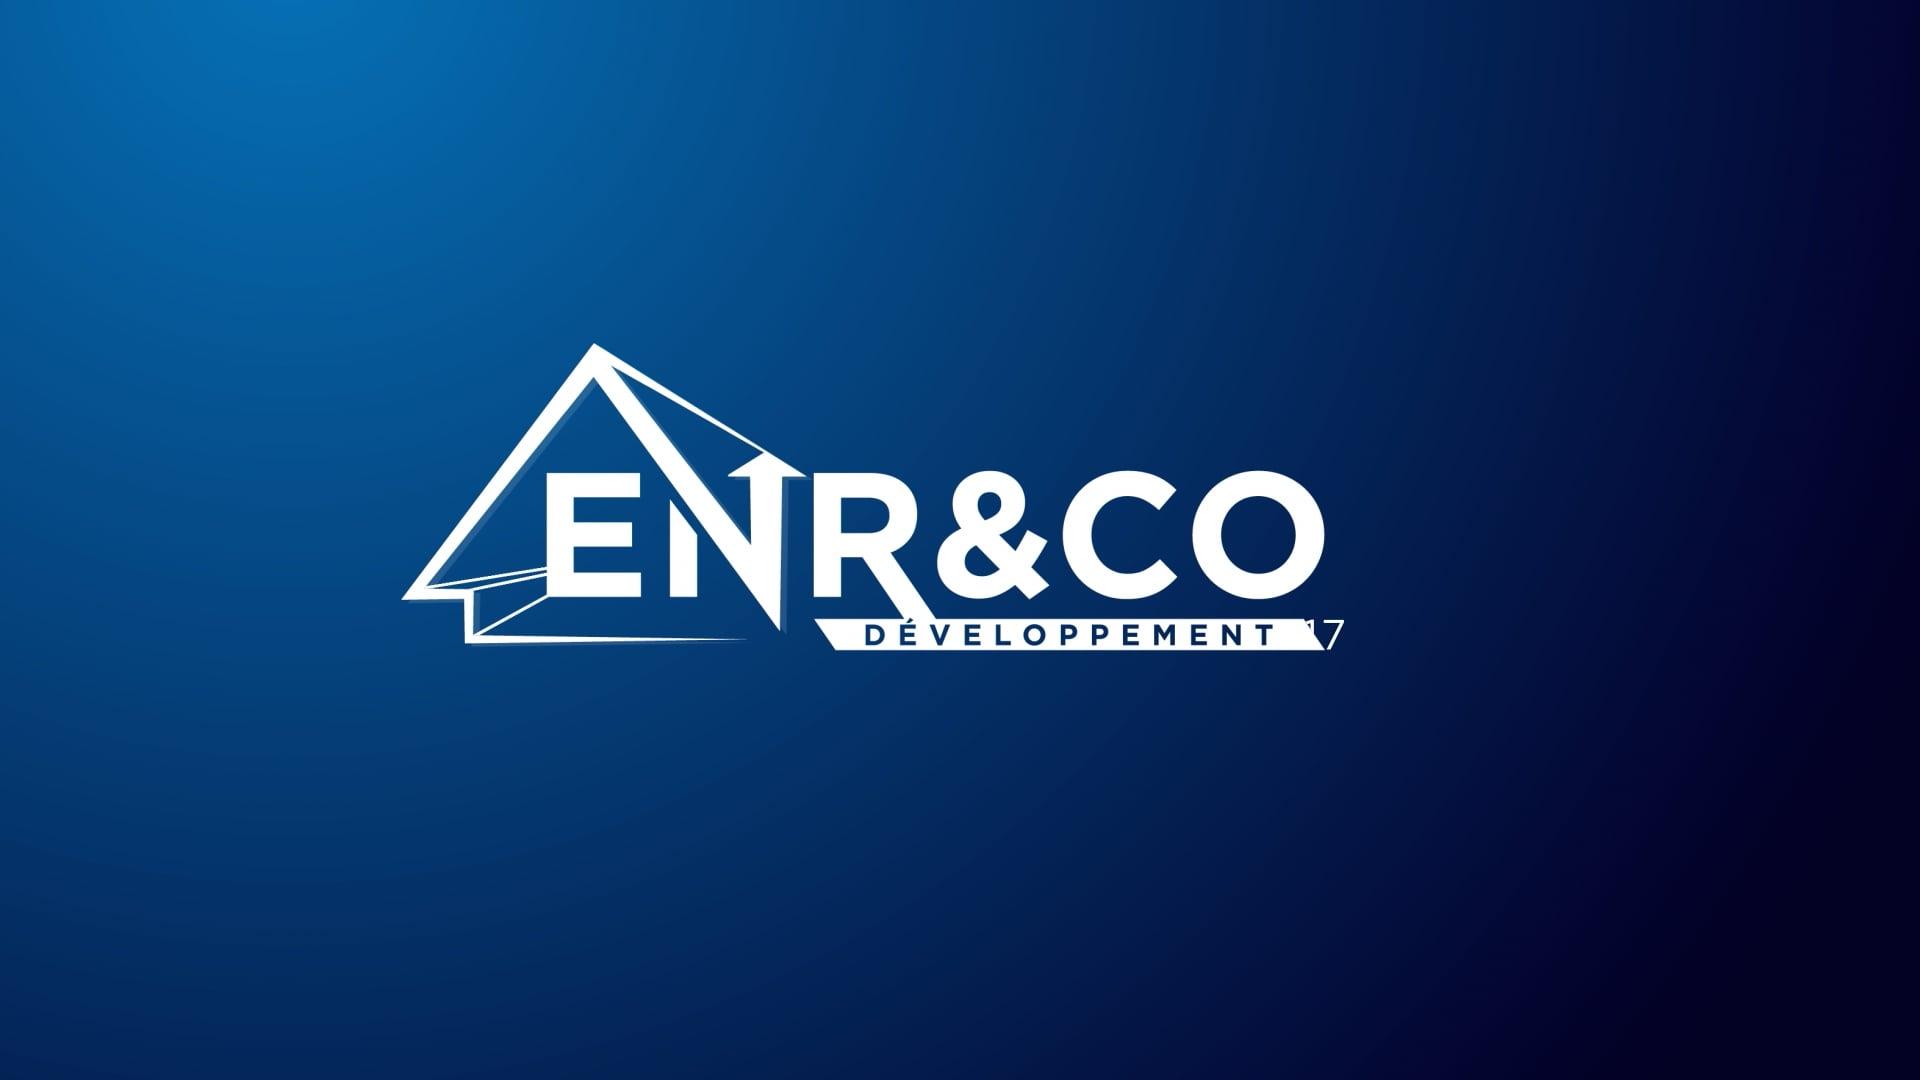 ENR&CO